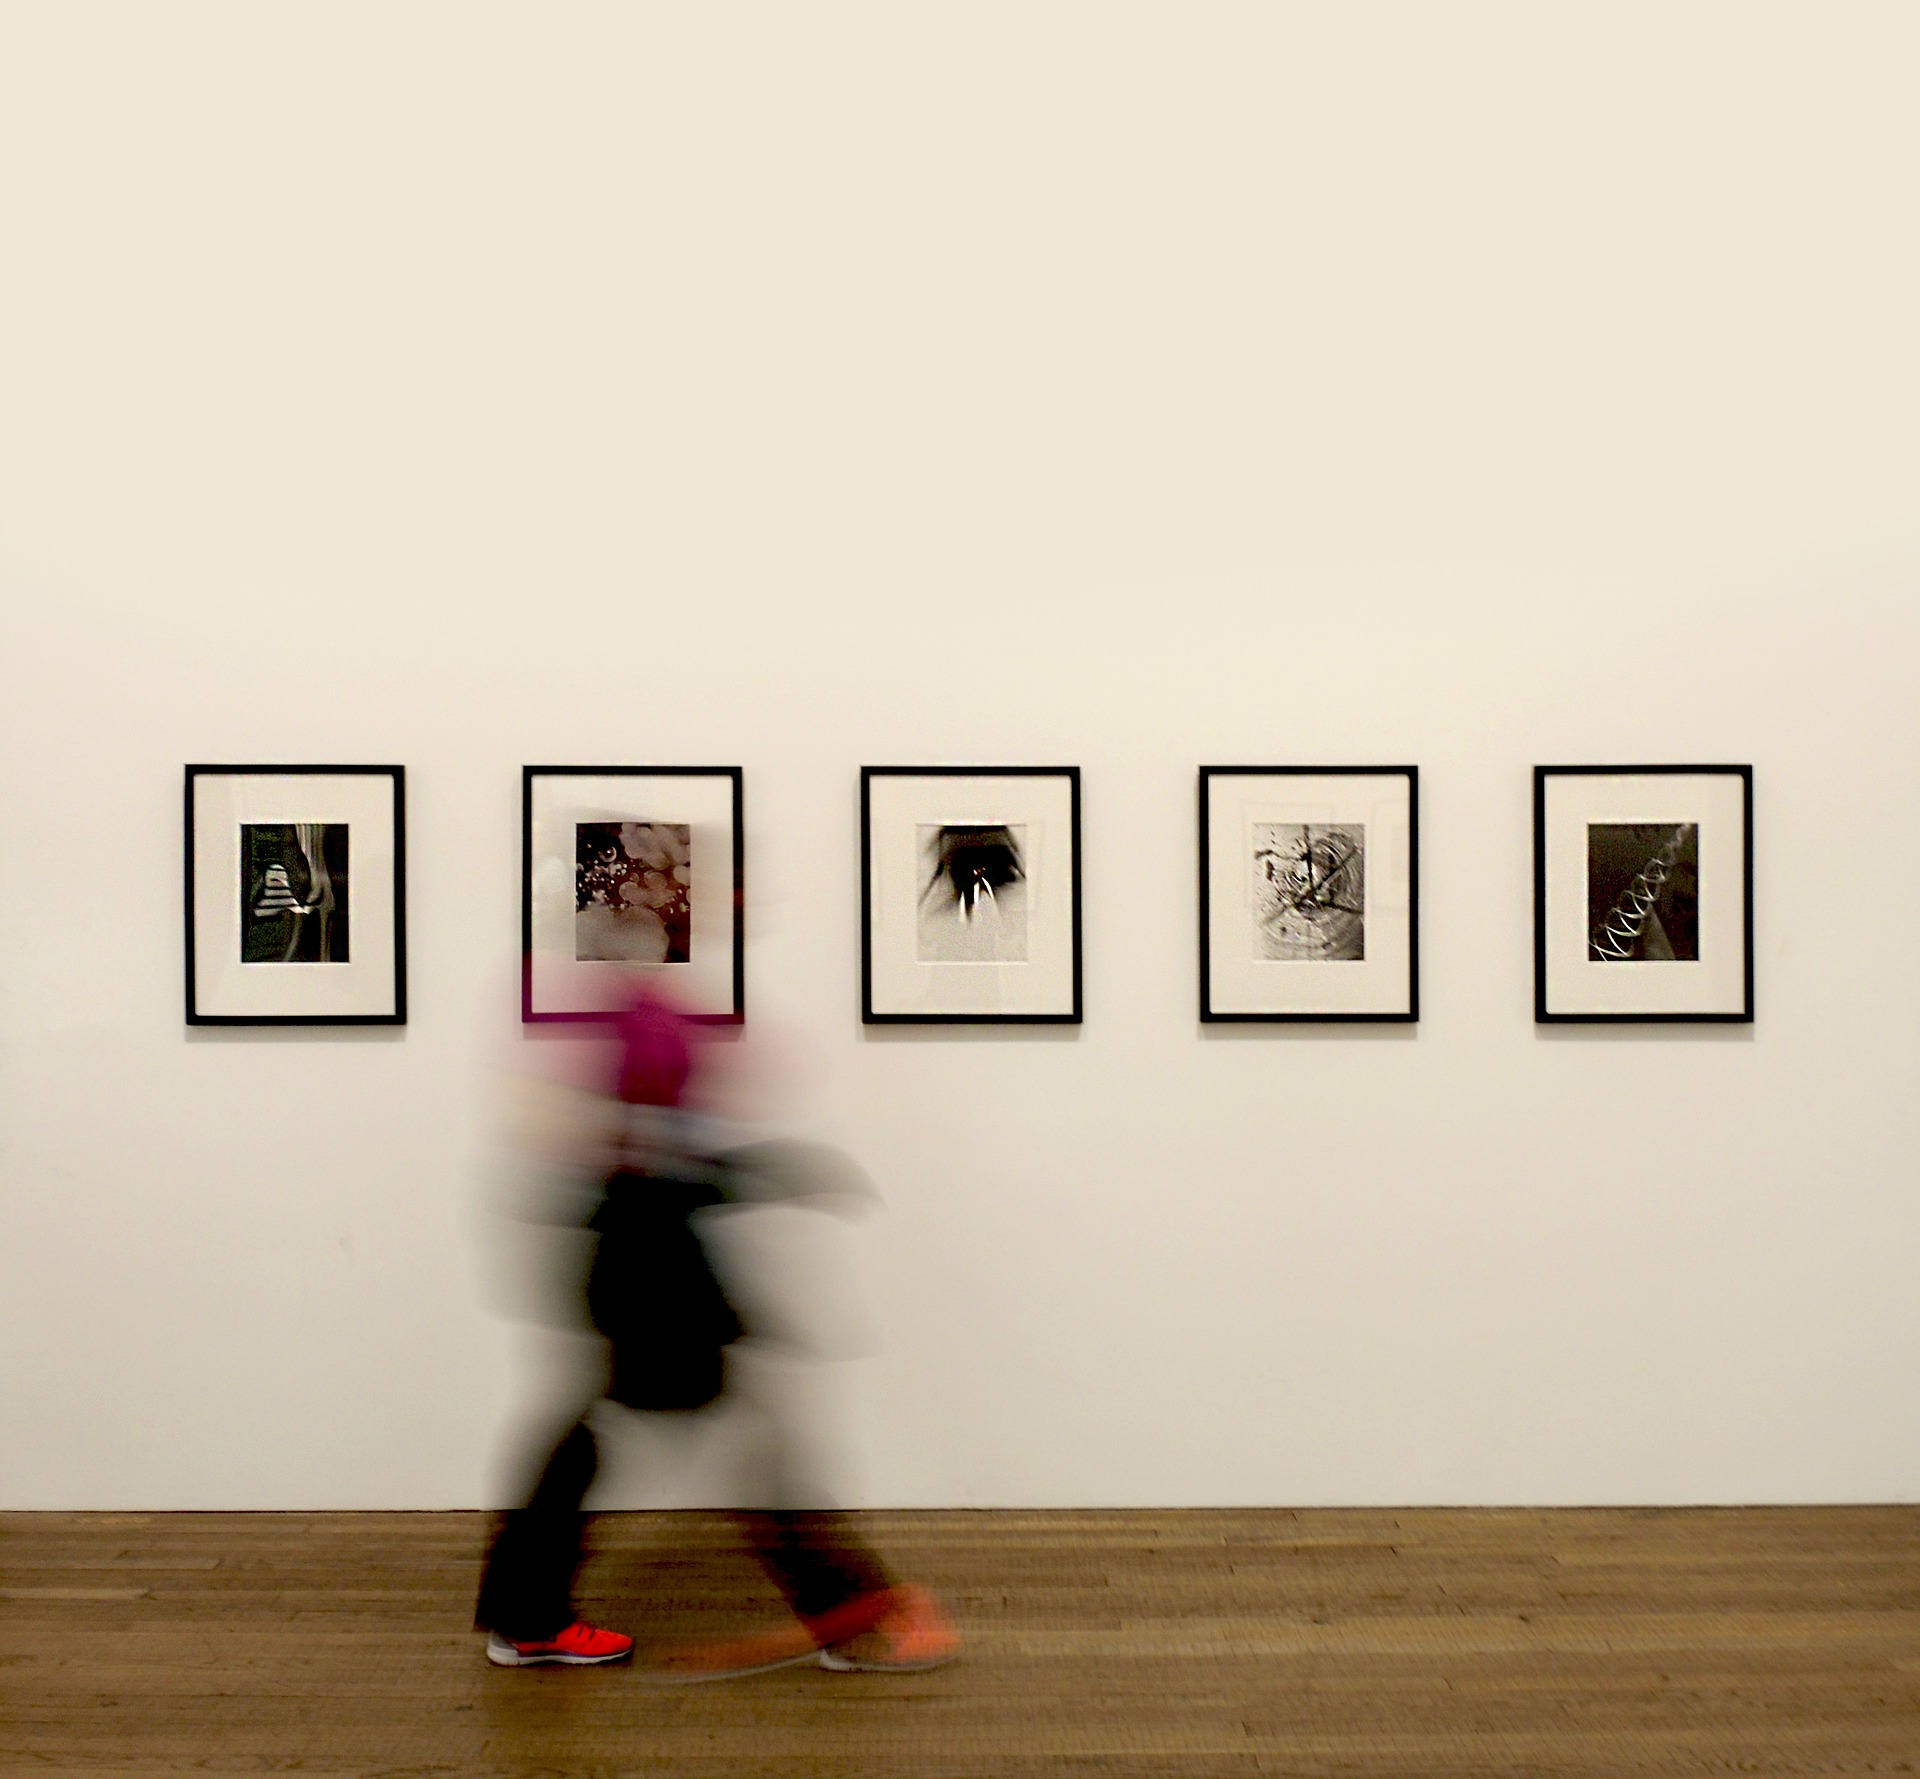 Das Foto zeigt eine weiße Wand, an der fünf schwarz gerahmte Bilder aufgehängt sind. Eine Person läuft an den Bildern von links nach rechts vorbei. Während die Bilder im Hintergrund scharf sind, ist die Person im Vordergrund verschwommen.